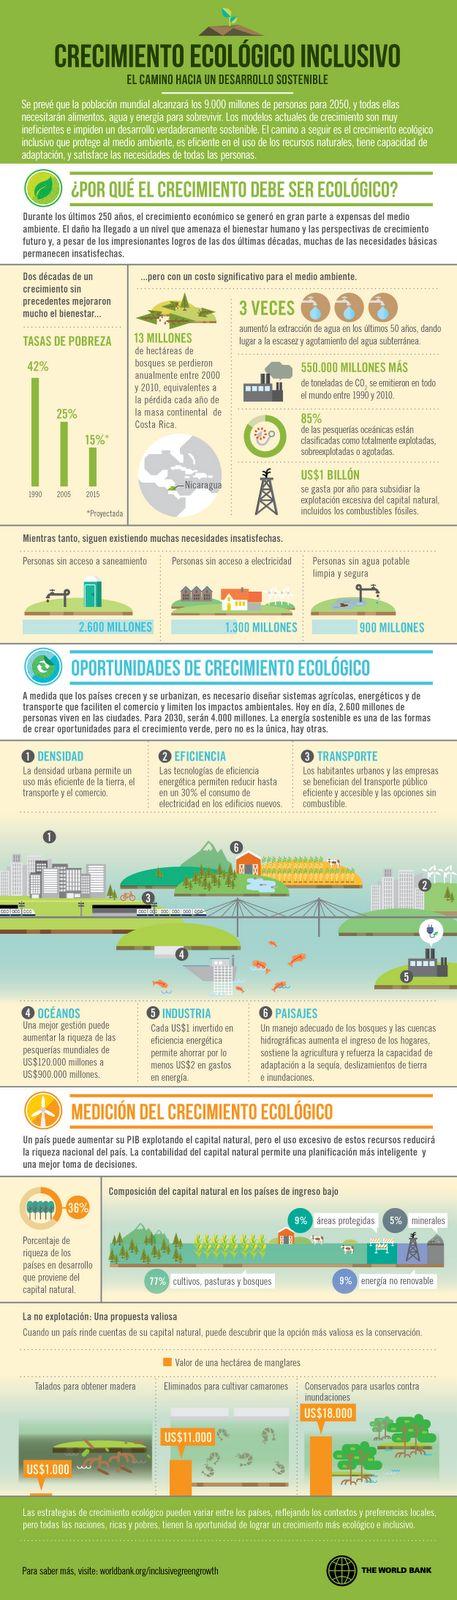 Las claves del crecimiento ecológico - EcoSiglos